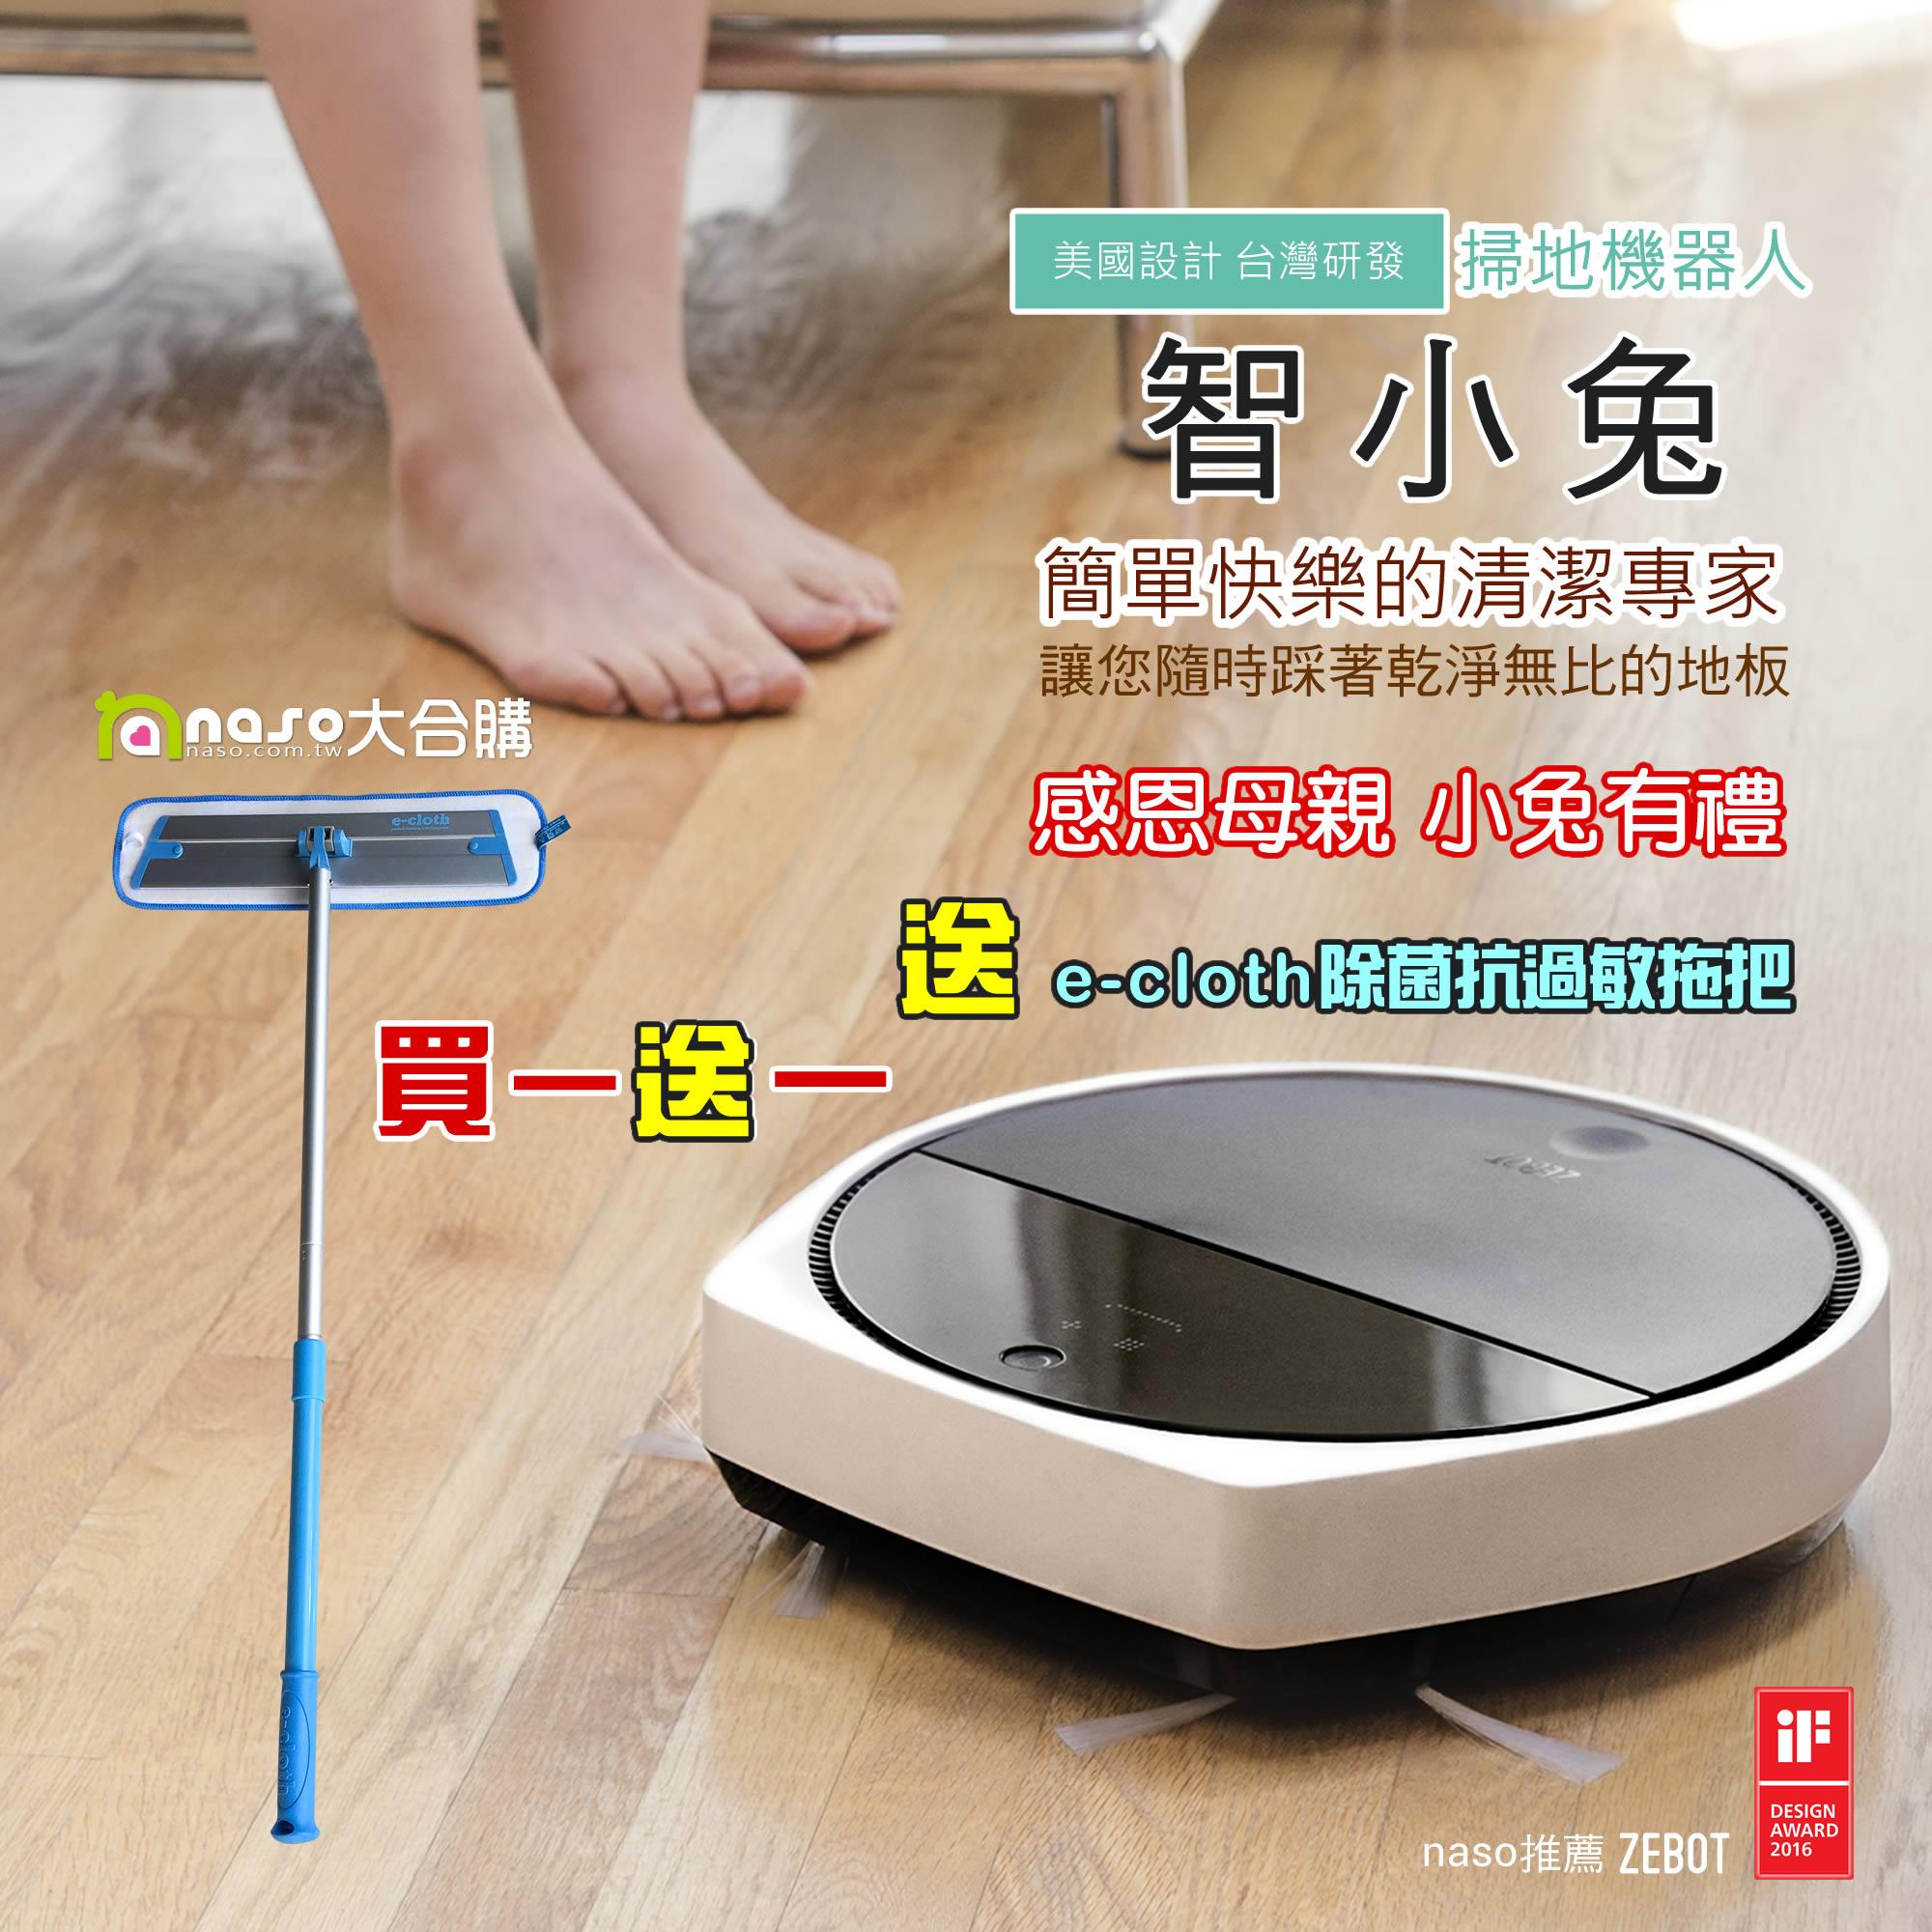 【1+1>3 的幸福感 好評再延續】智小兔負離子掃地機器人吸塵器 好評第4團